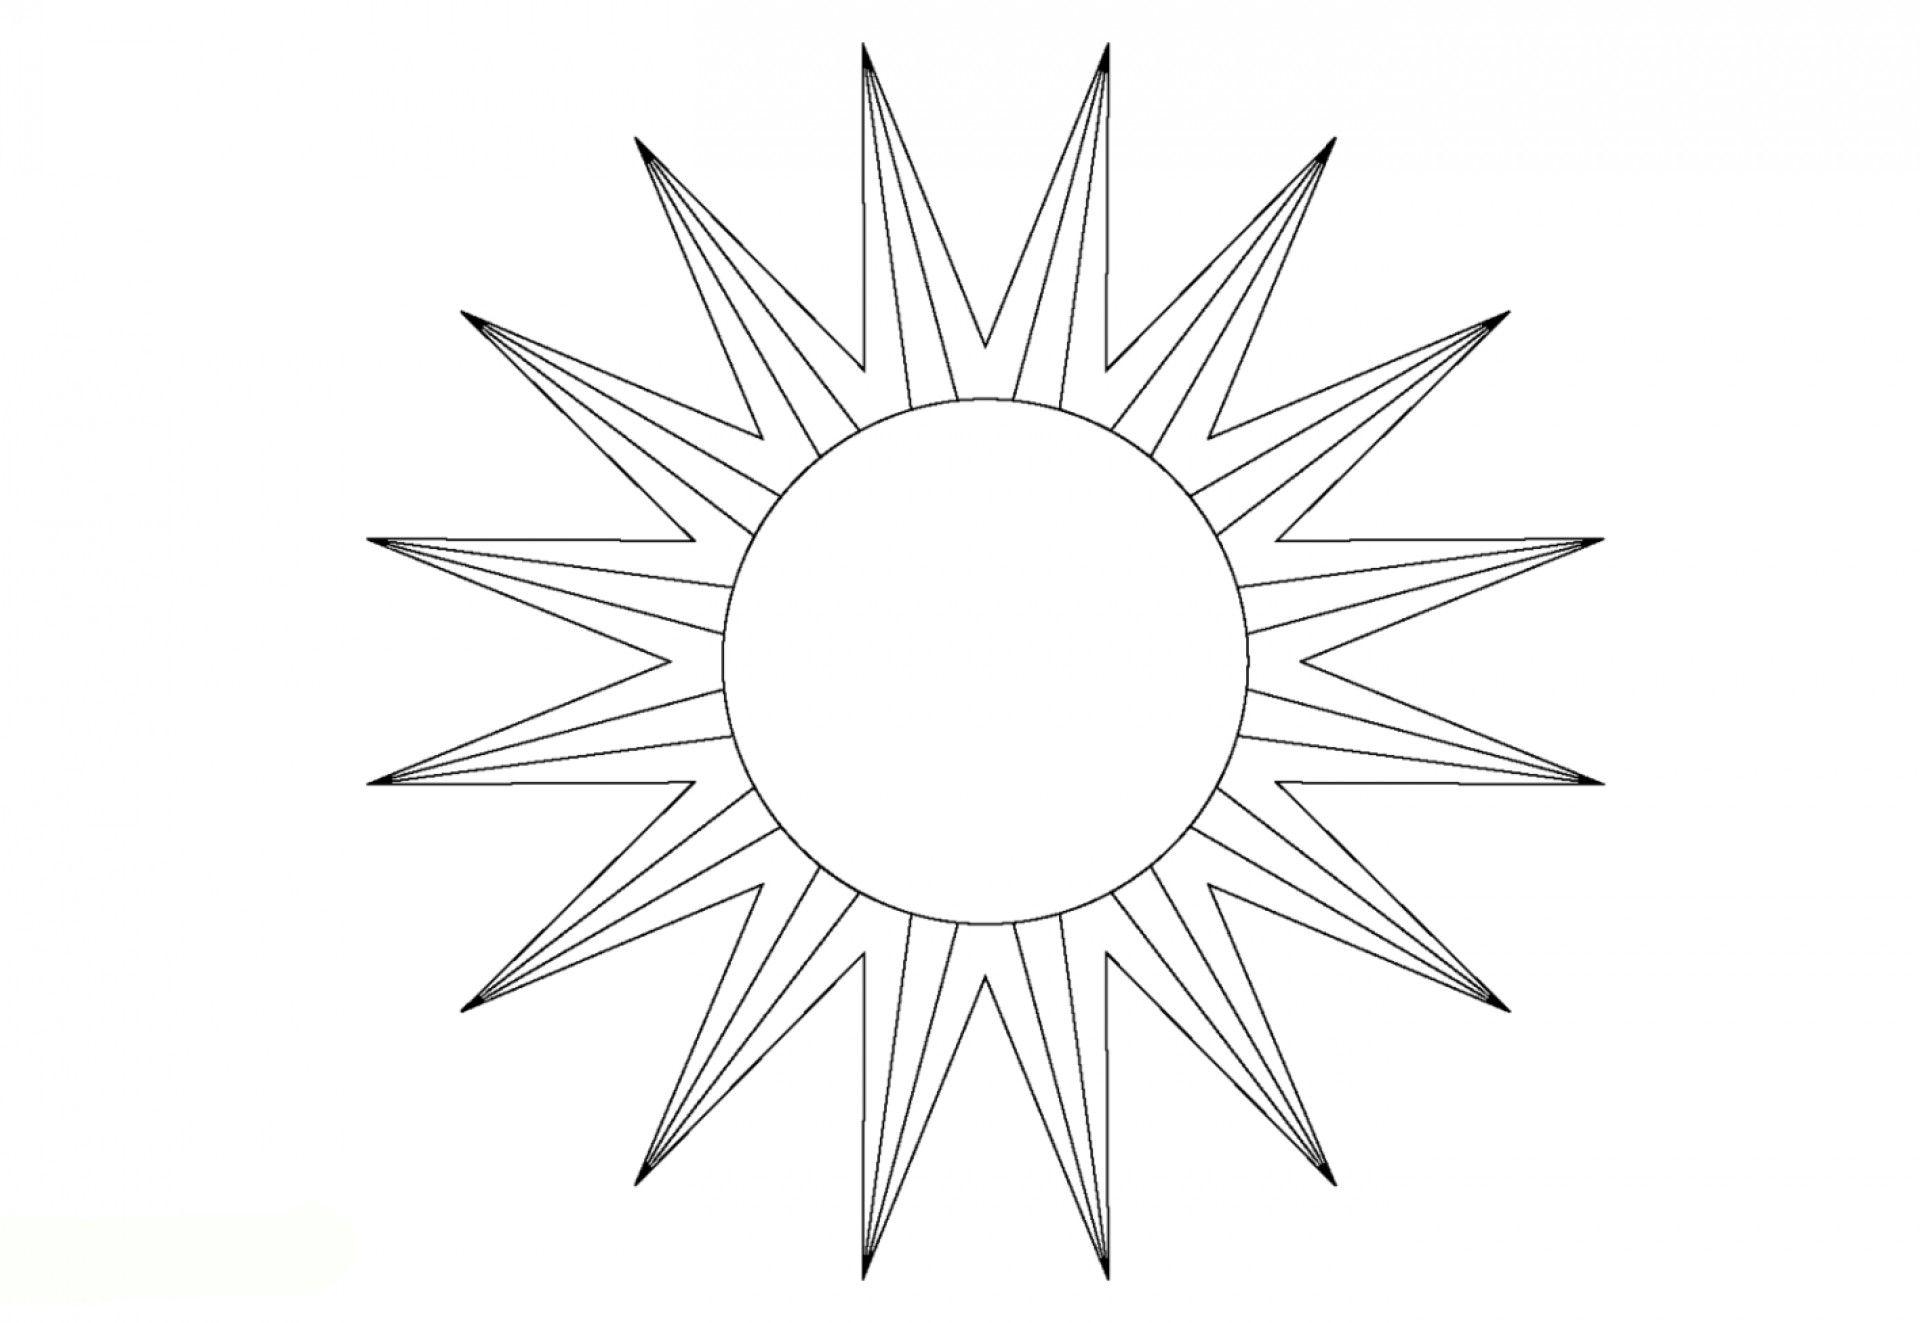 Ausmalbilder Sonne Kostenlos Ausdrucken 1ausmalbilder Com Ausmalbilder Ausmalen Ausdrucken